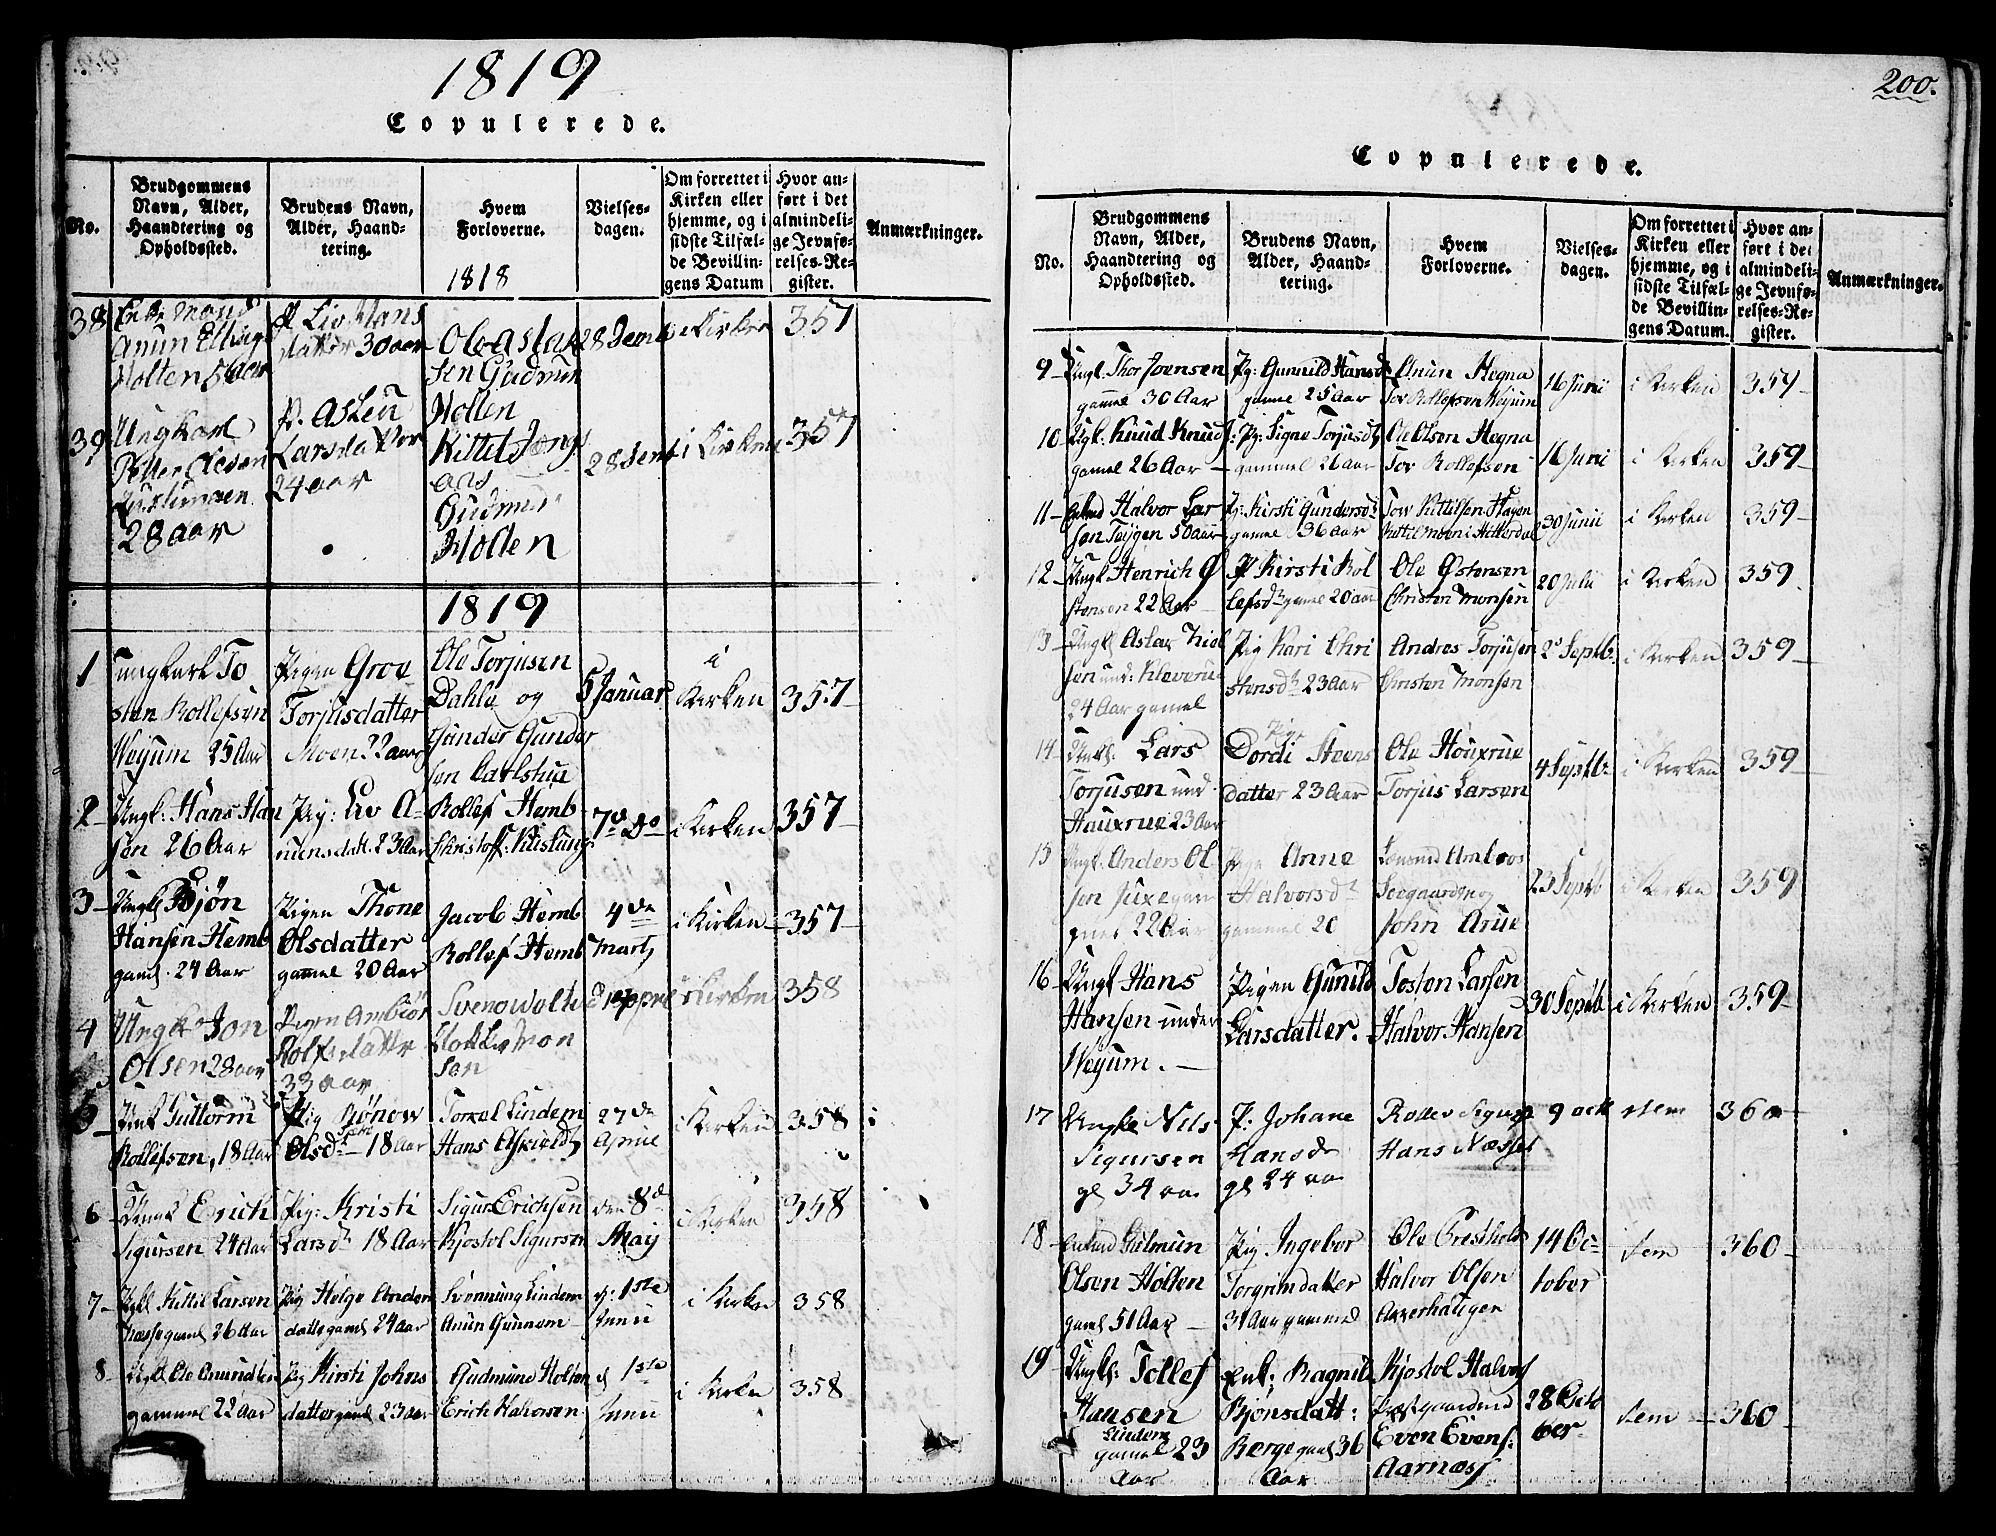 SAKO, Sauherad kirkebøker, G/Ga/L0001: Klokkerbok nr. I 1, 1815-1827, s. 200